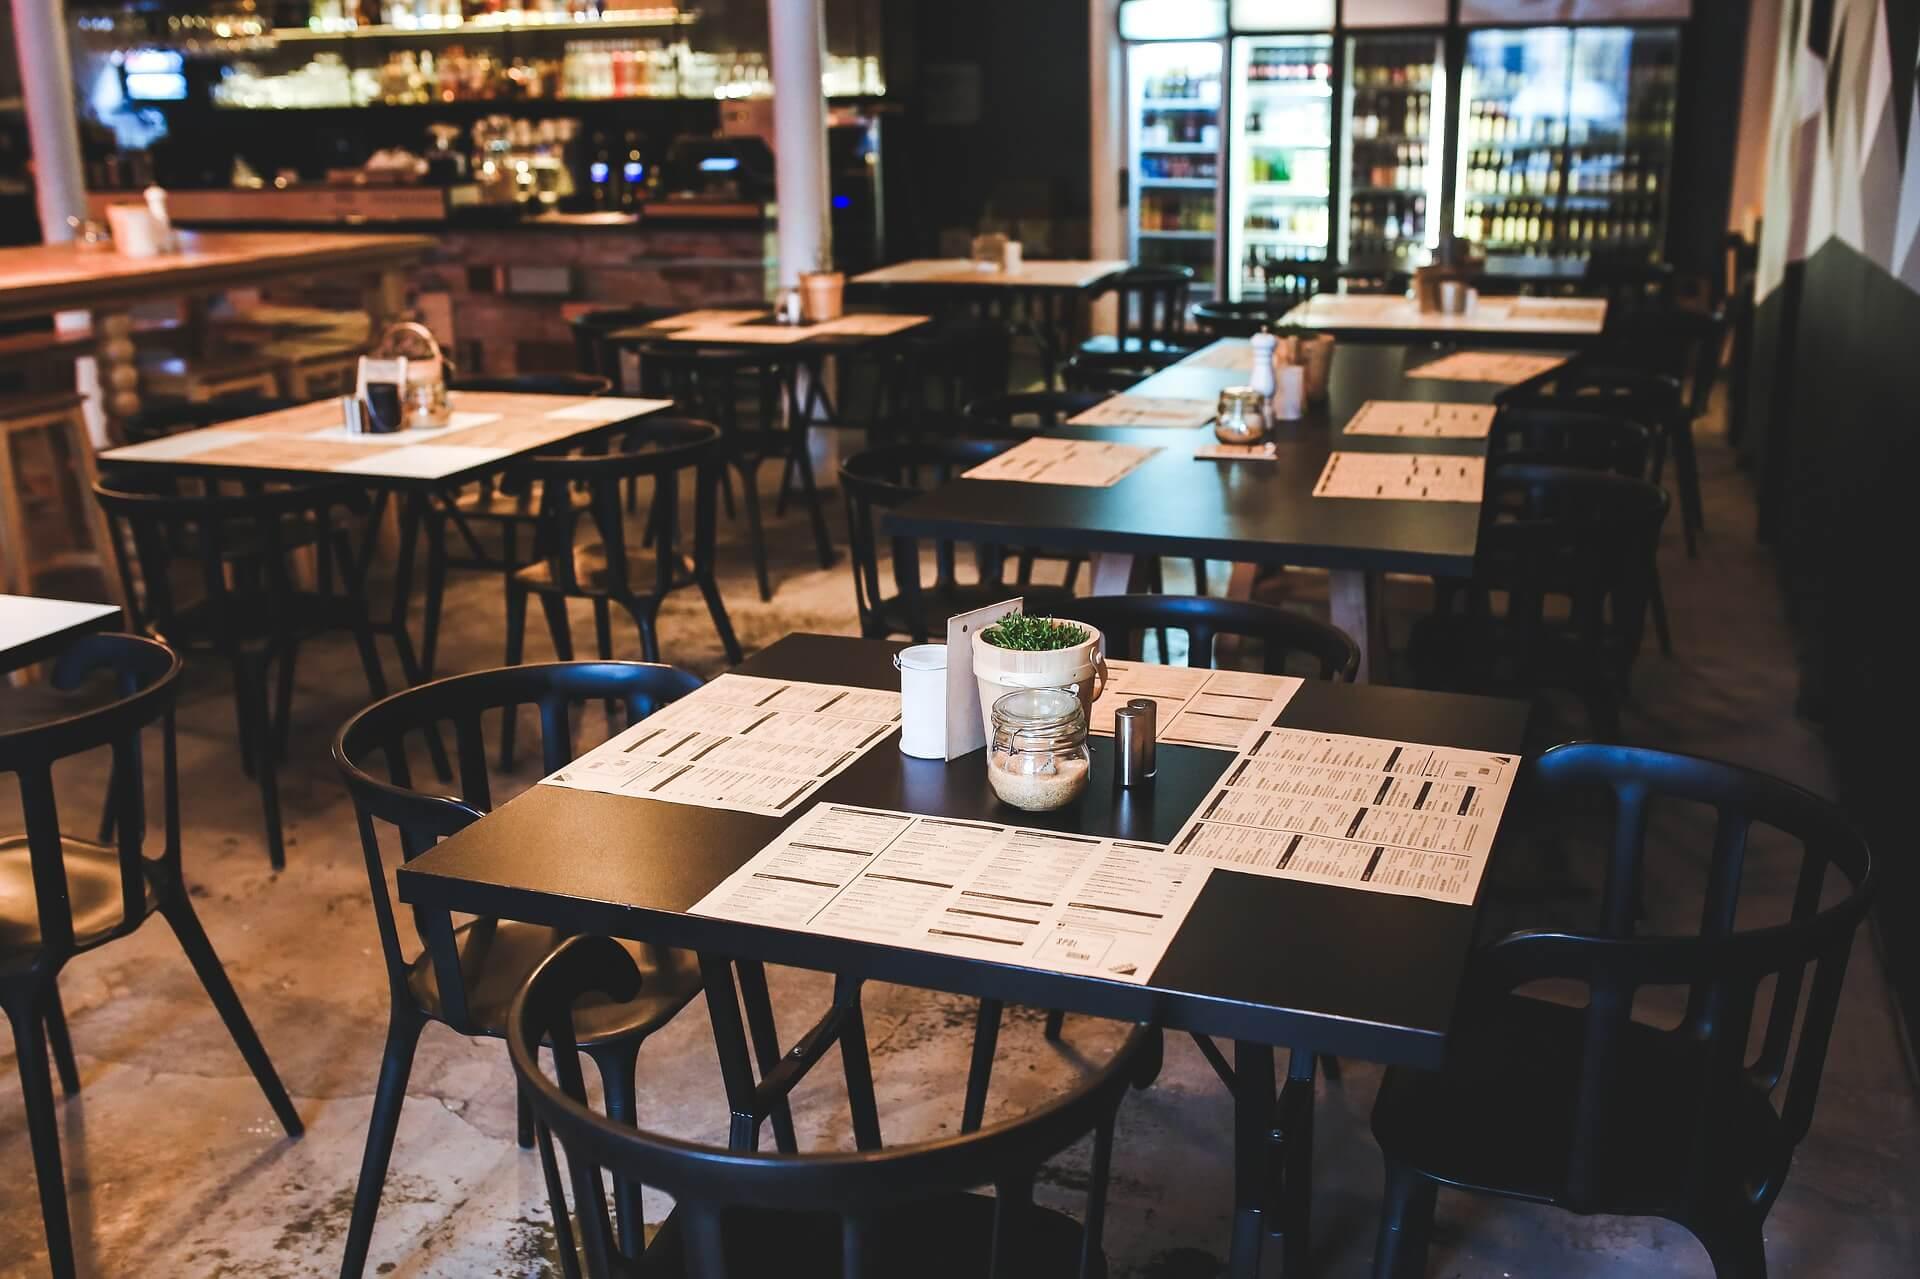 Interno di un bar senza persone preparato per una sanificazione covid 19